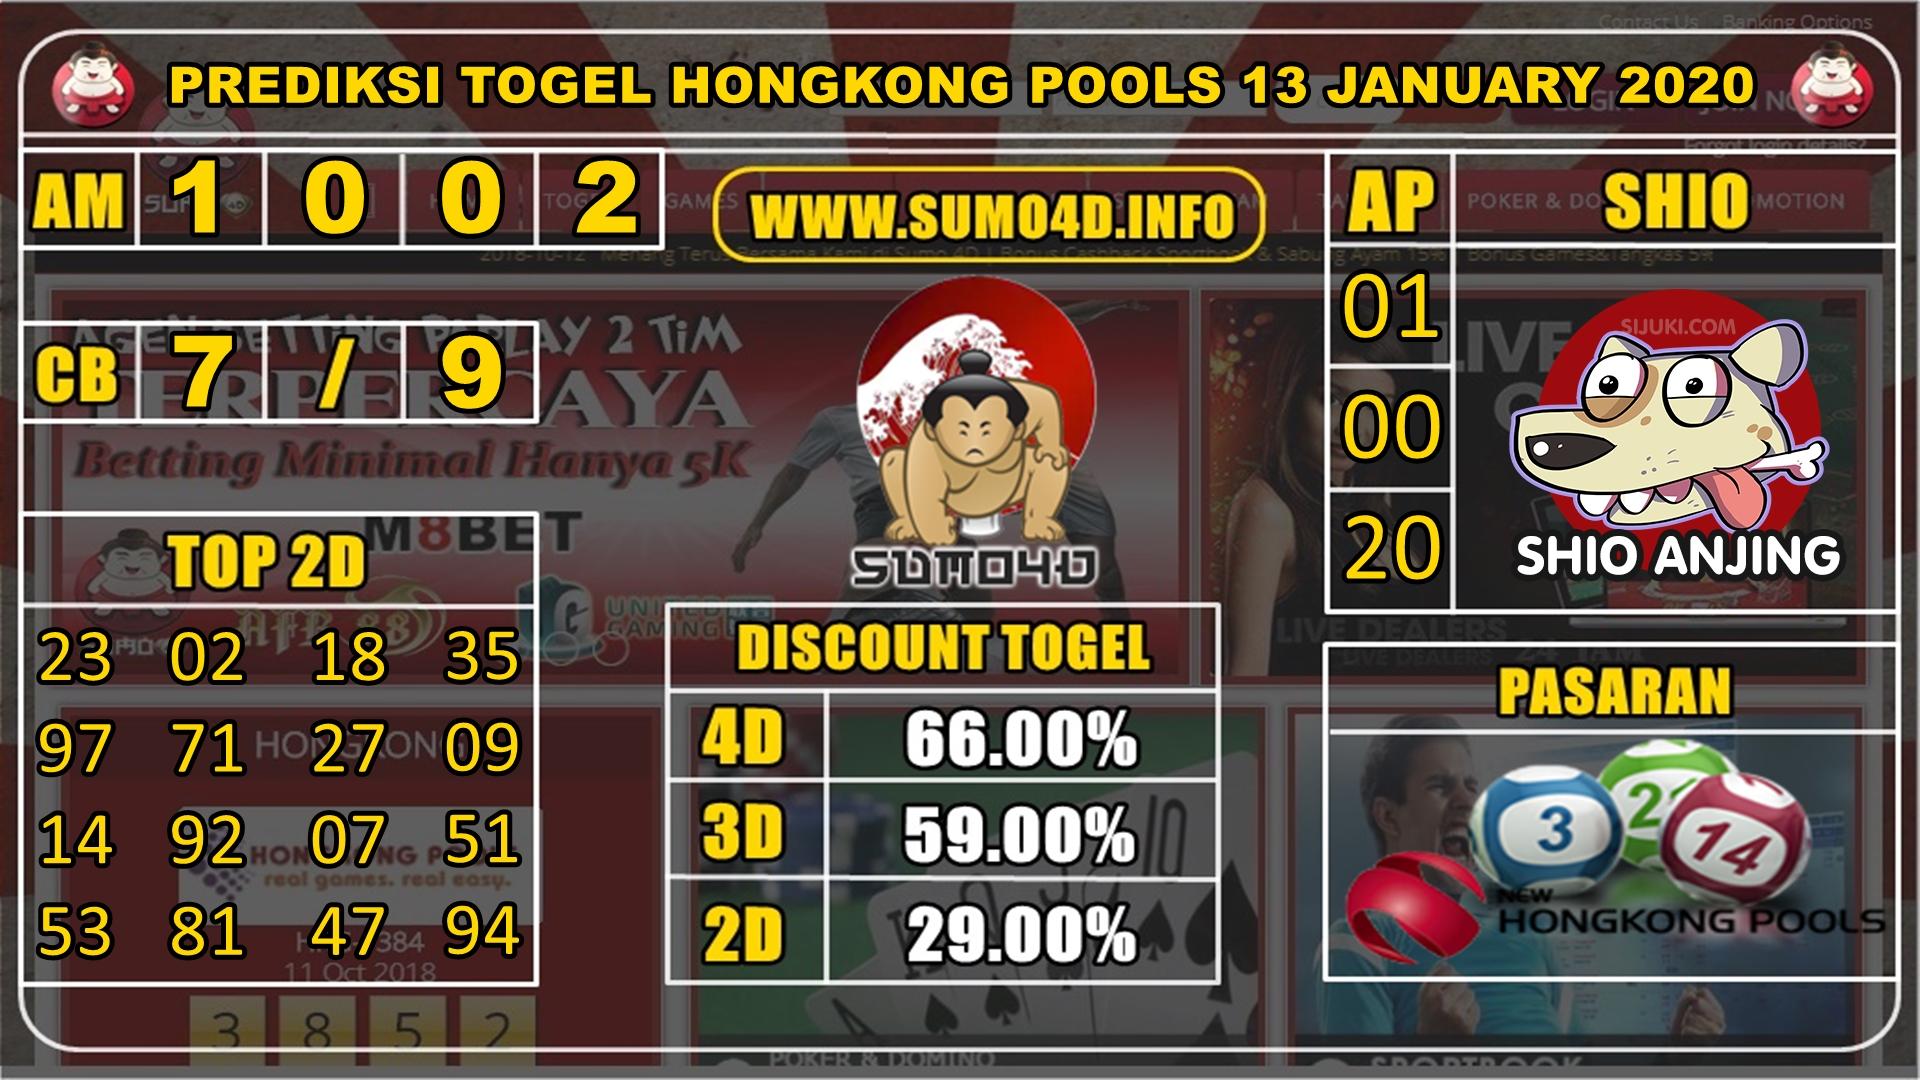 PREDIKSI TOGEL HONGKONG POOLS 13 JANUARY 2020